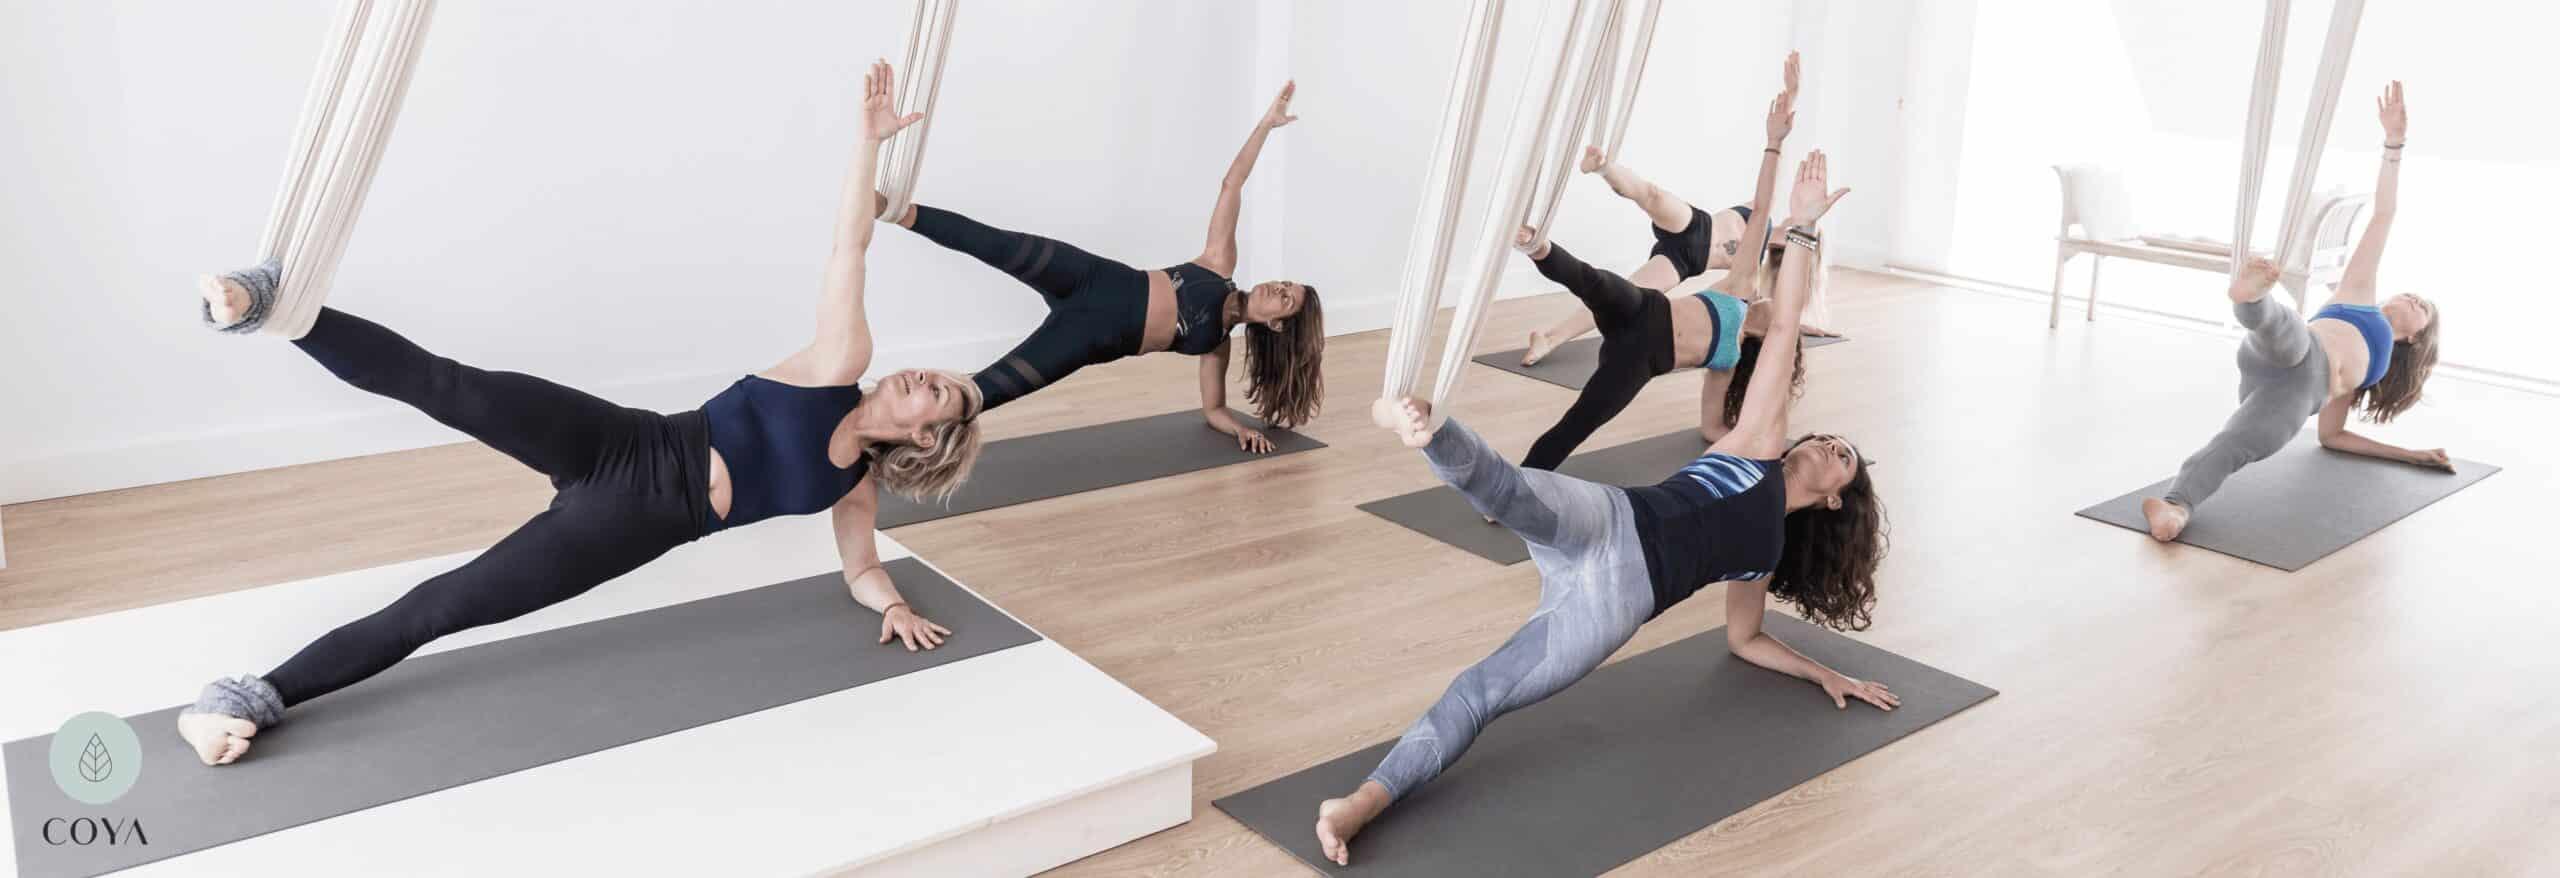 Ένα μάθημα Aerial Yoga